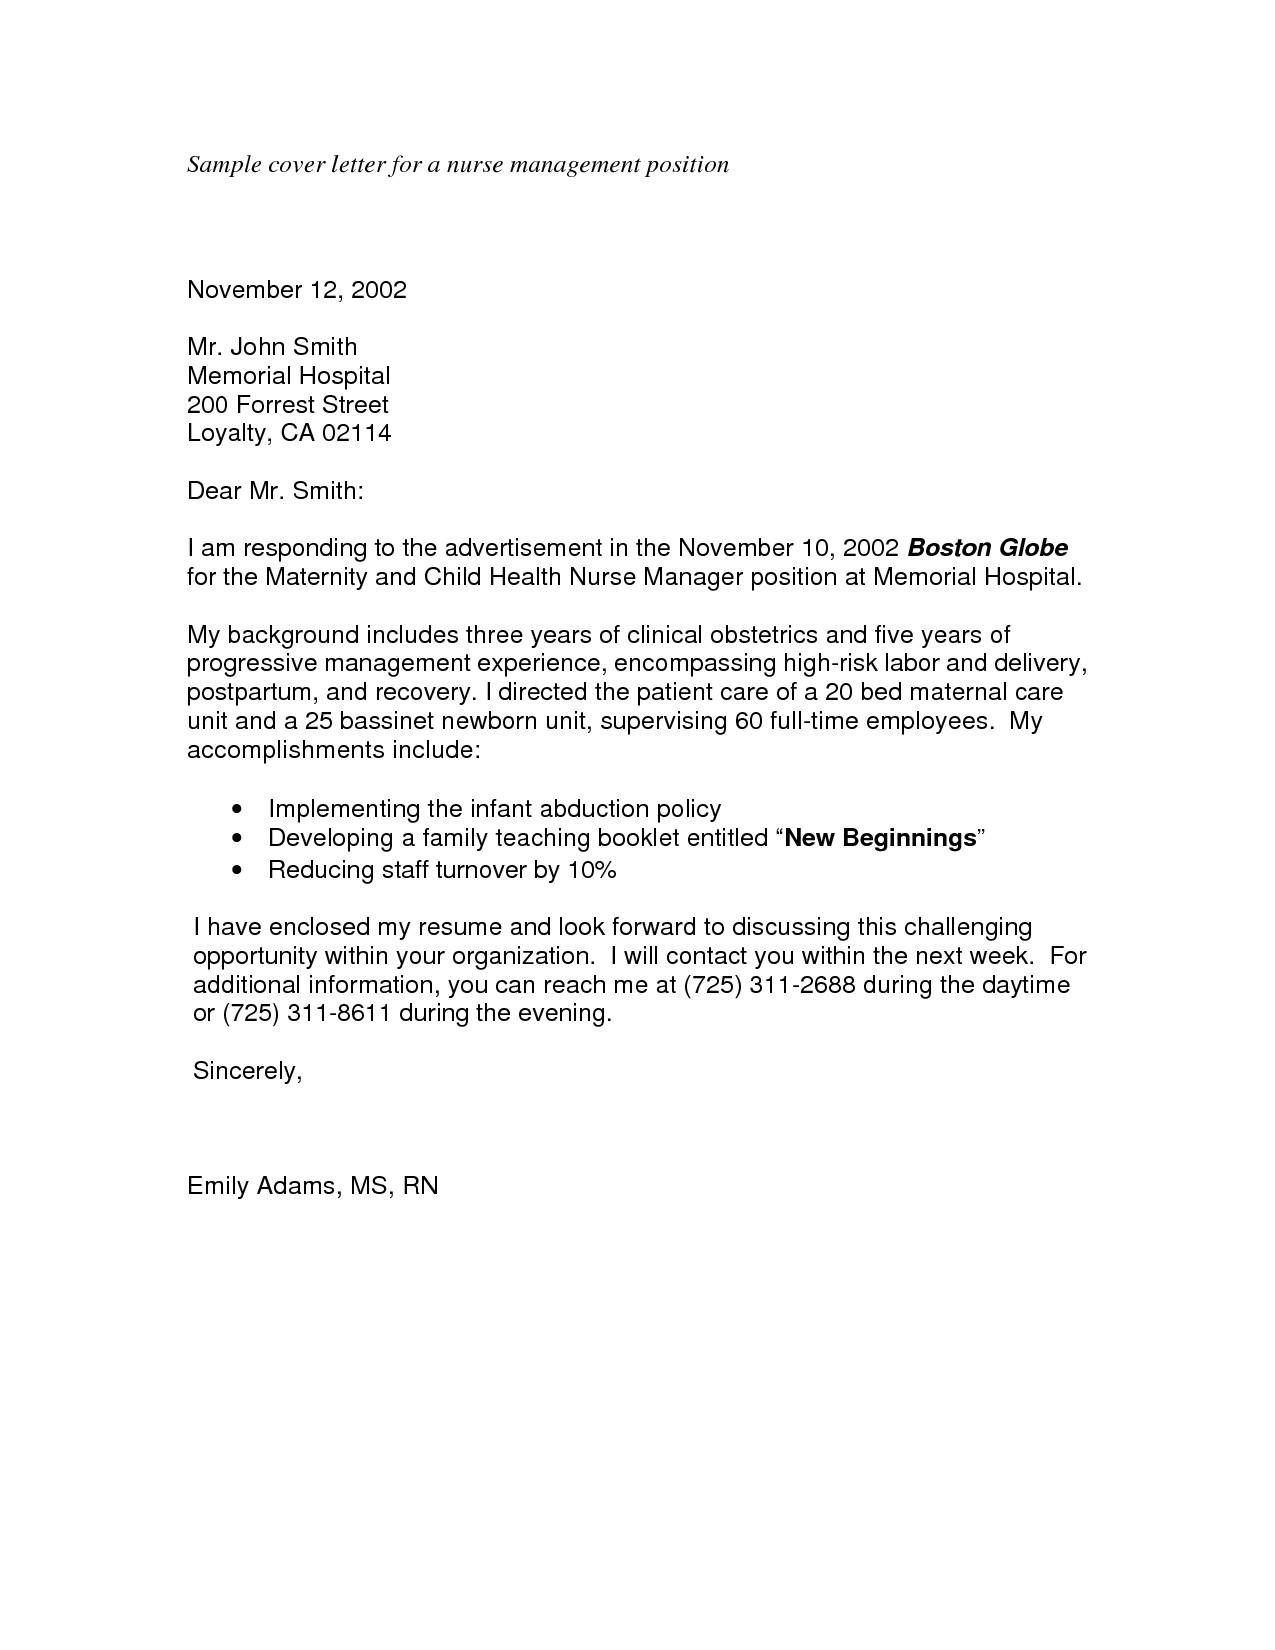 sample cover letter for applying a job 3361